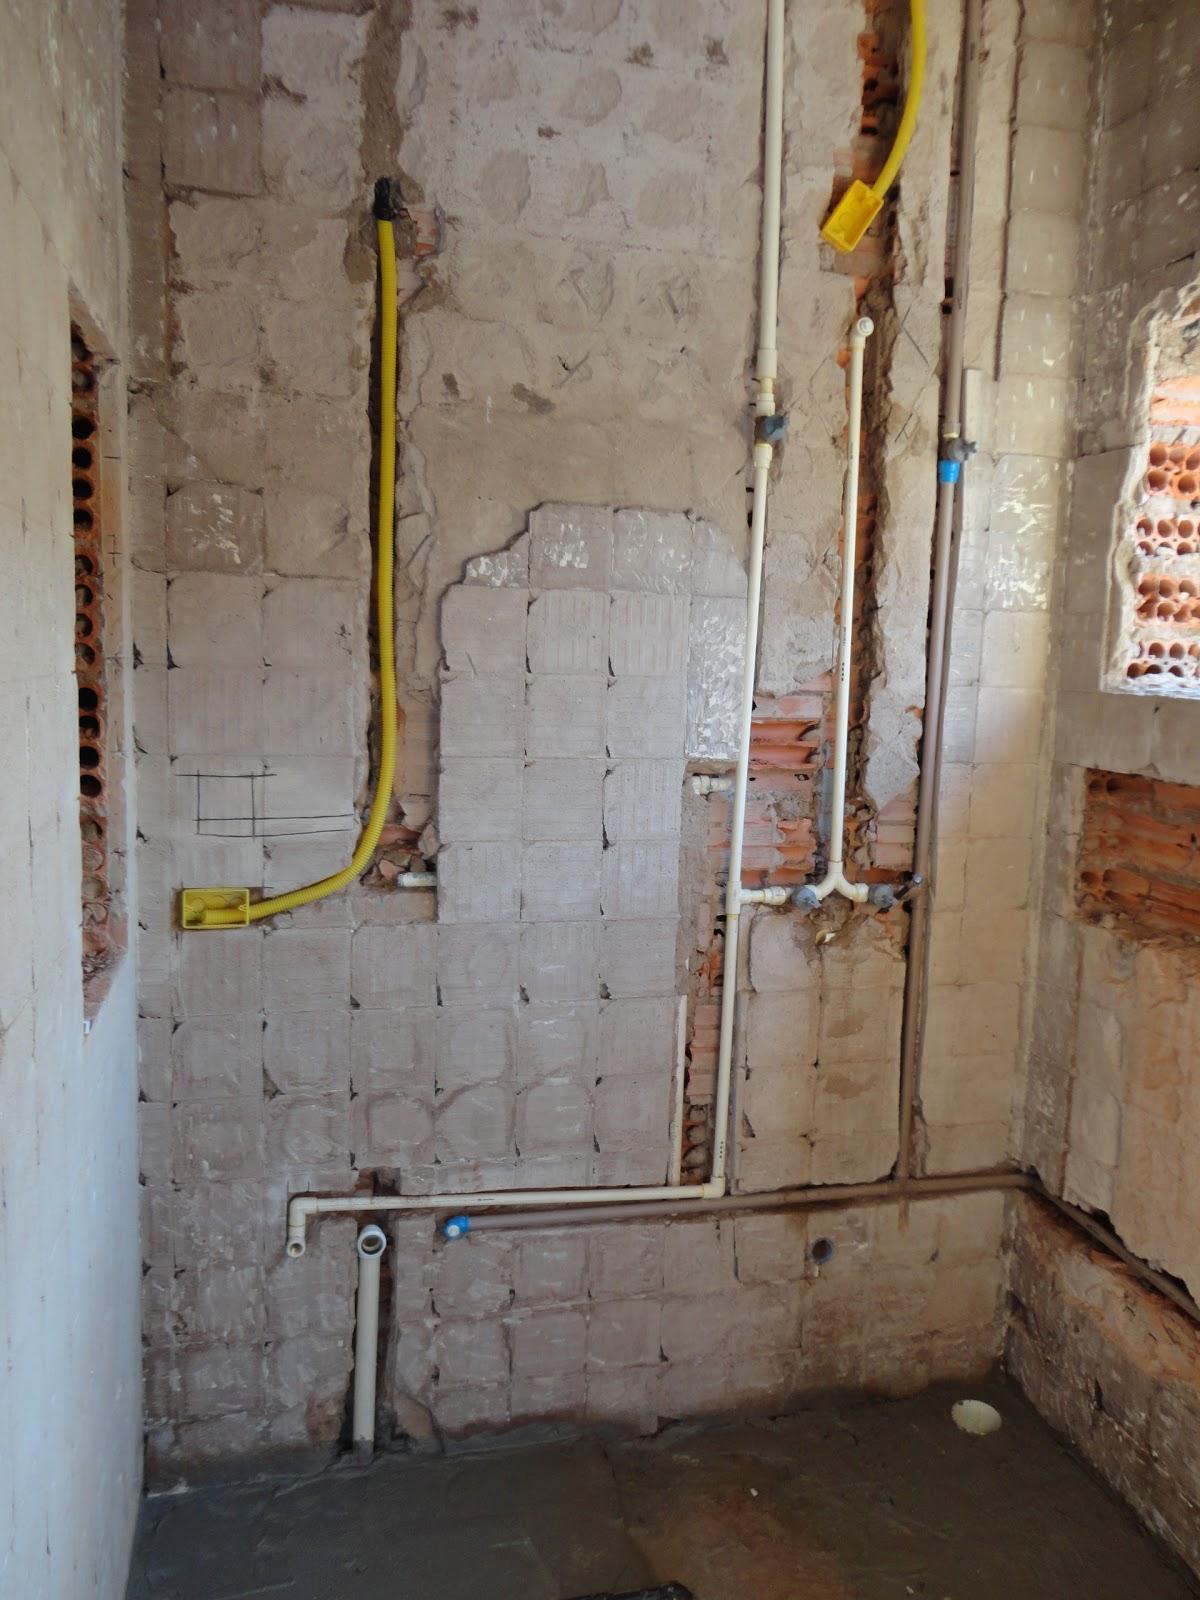 para o chuveiro e para a pia com misturadores para água quente e fria #AB8D20 1200 1600